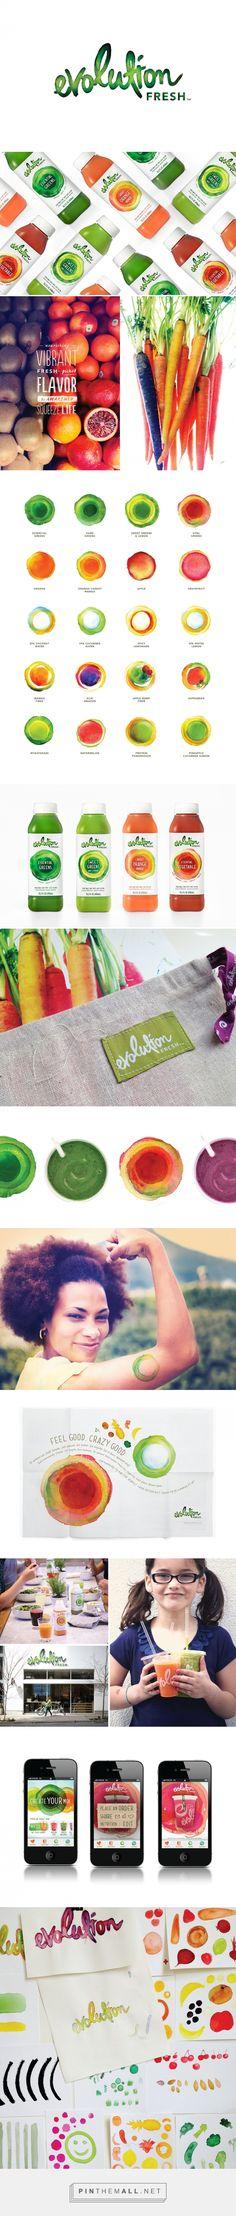 Evolution Fresh juice packaging design by Hornall Anderson (USA) - http://www.packagingoftheworld.com/2016/08/evolution-fresh.html